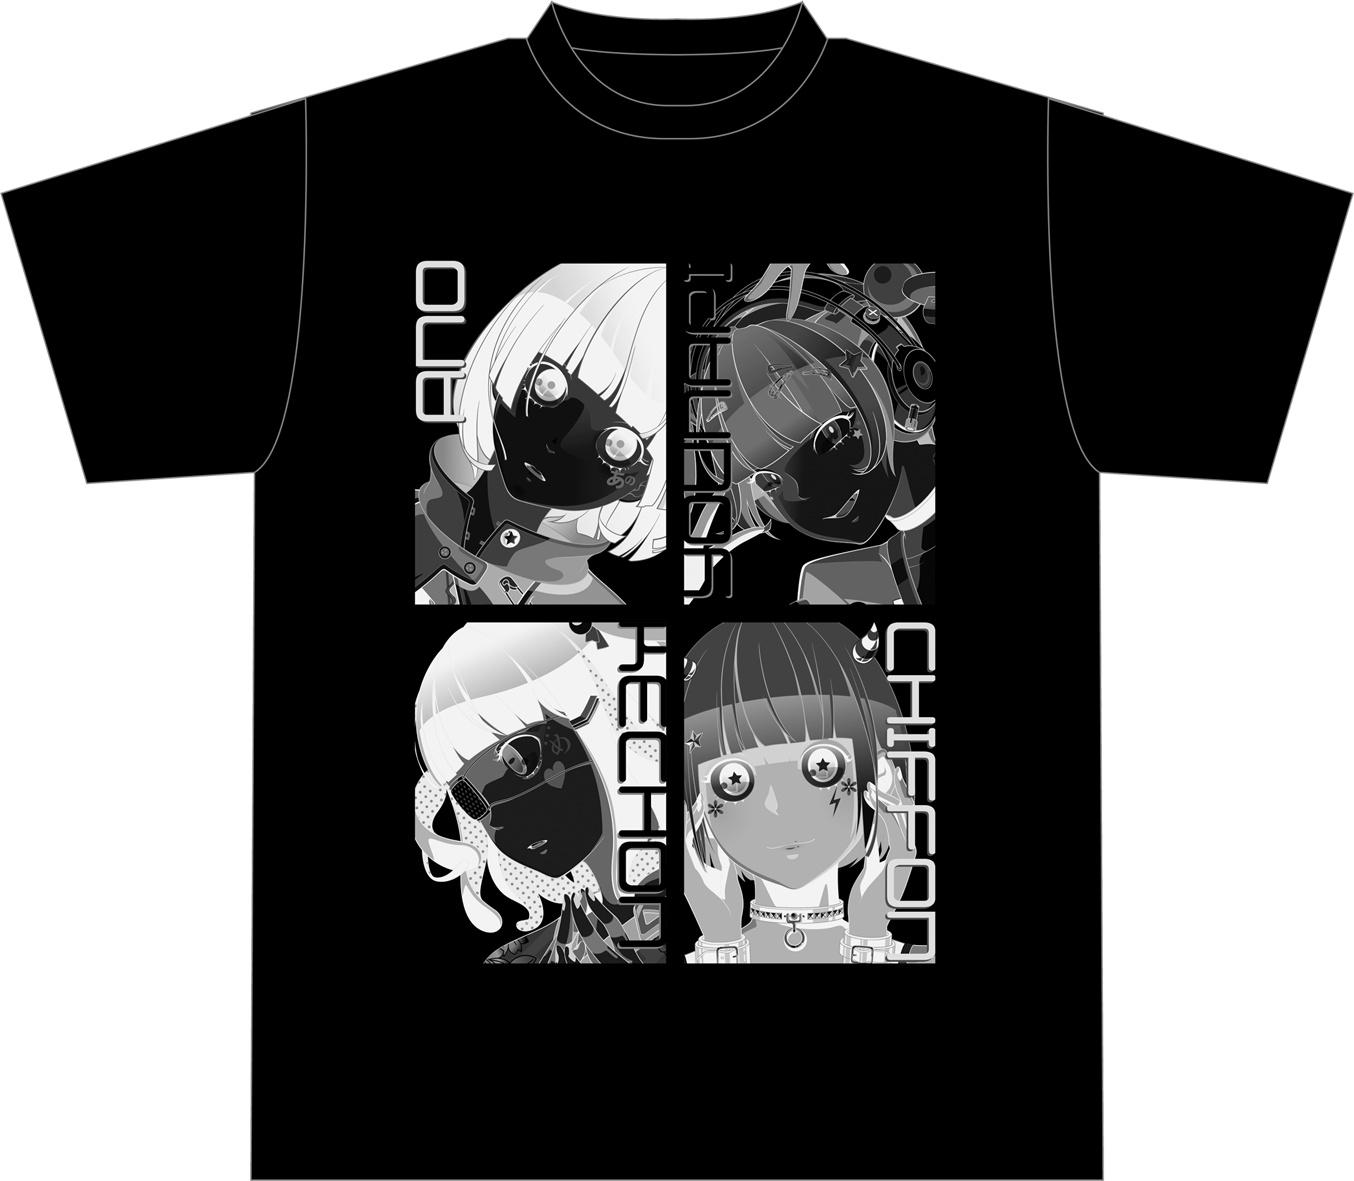 p_tshirts_02